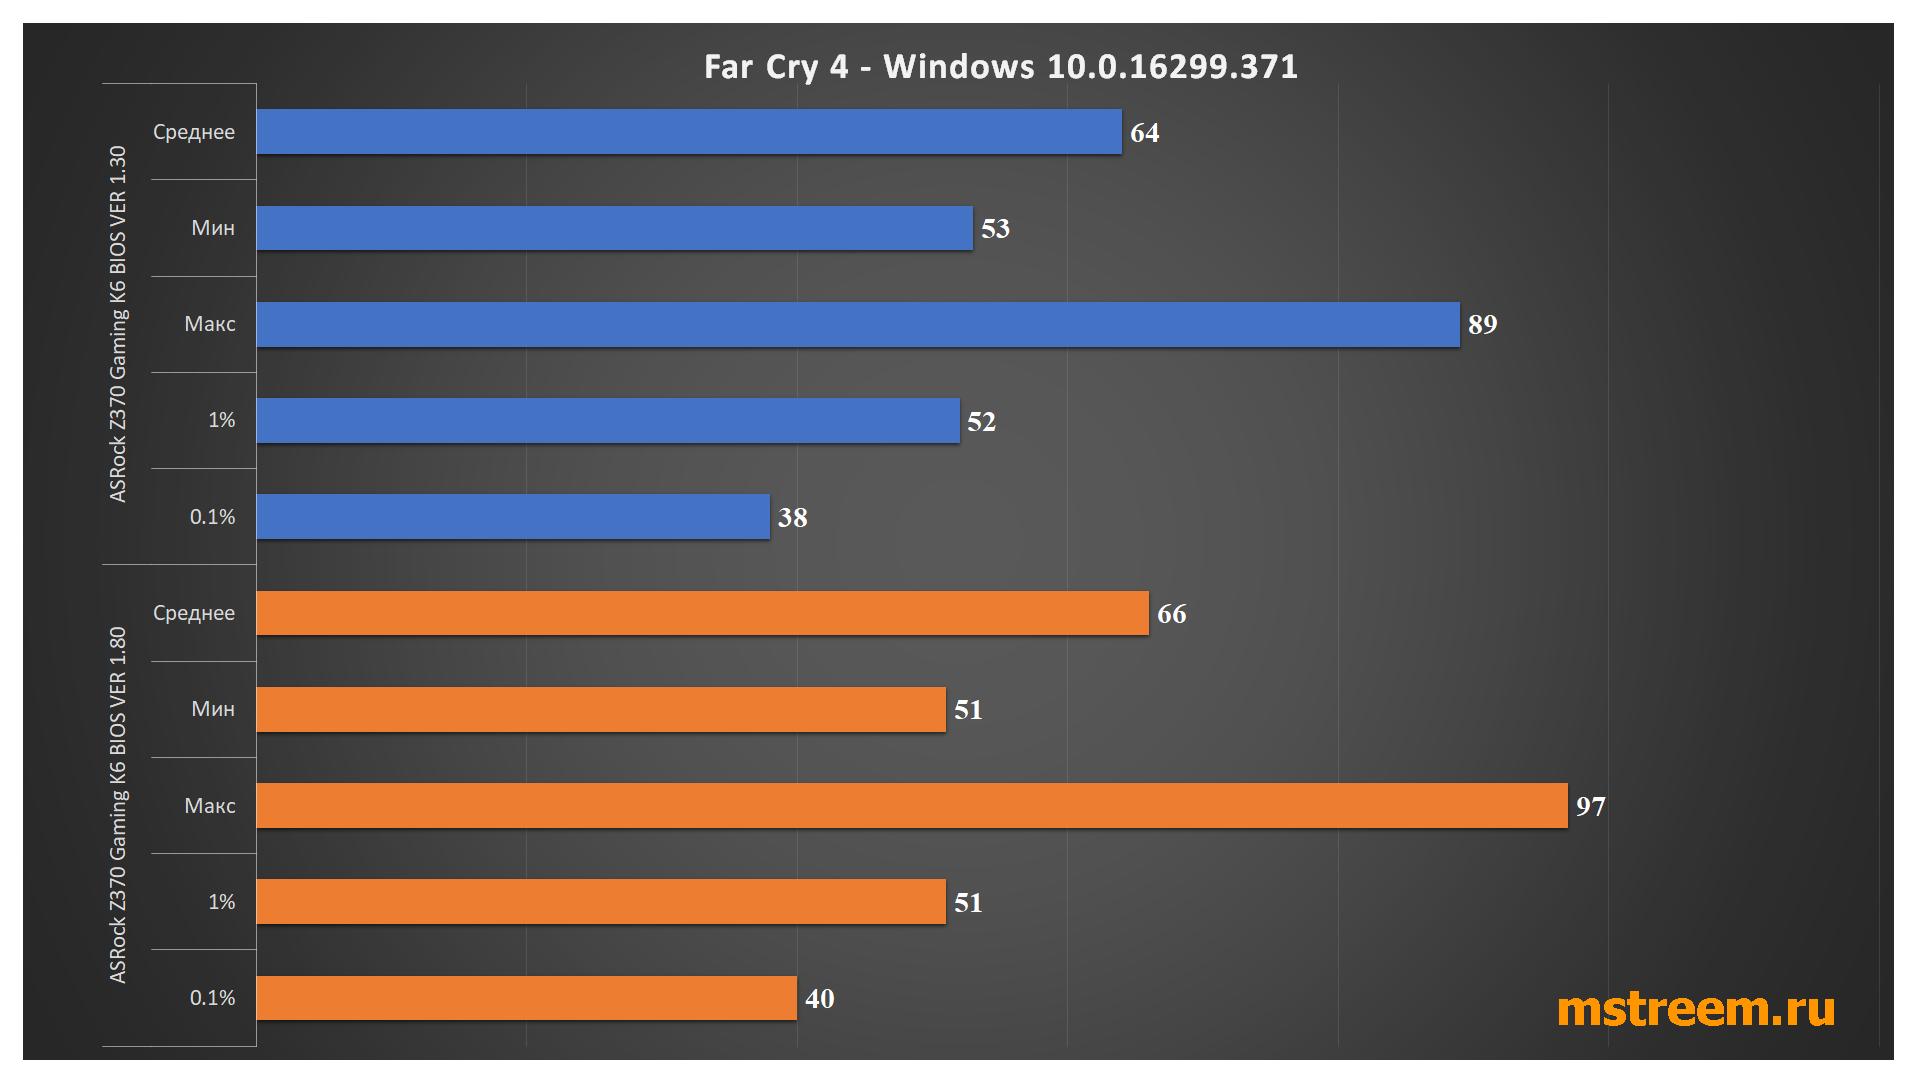 Тесты производительности в играх FarCry 4. Spectre и Meltdown